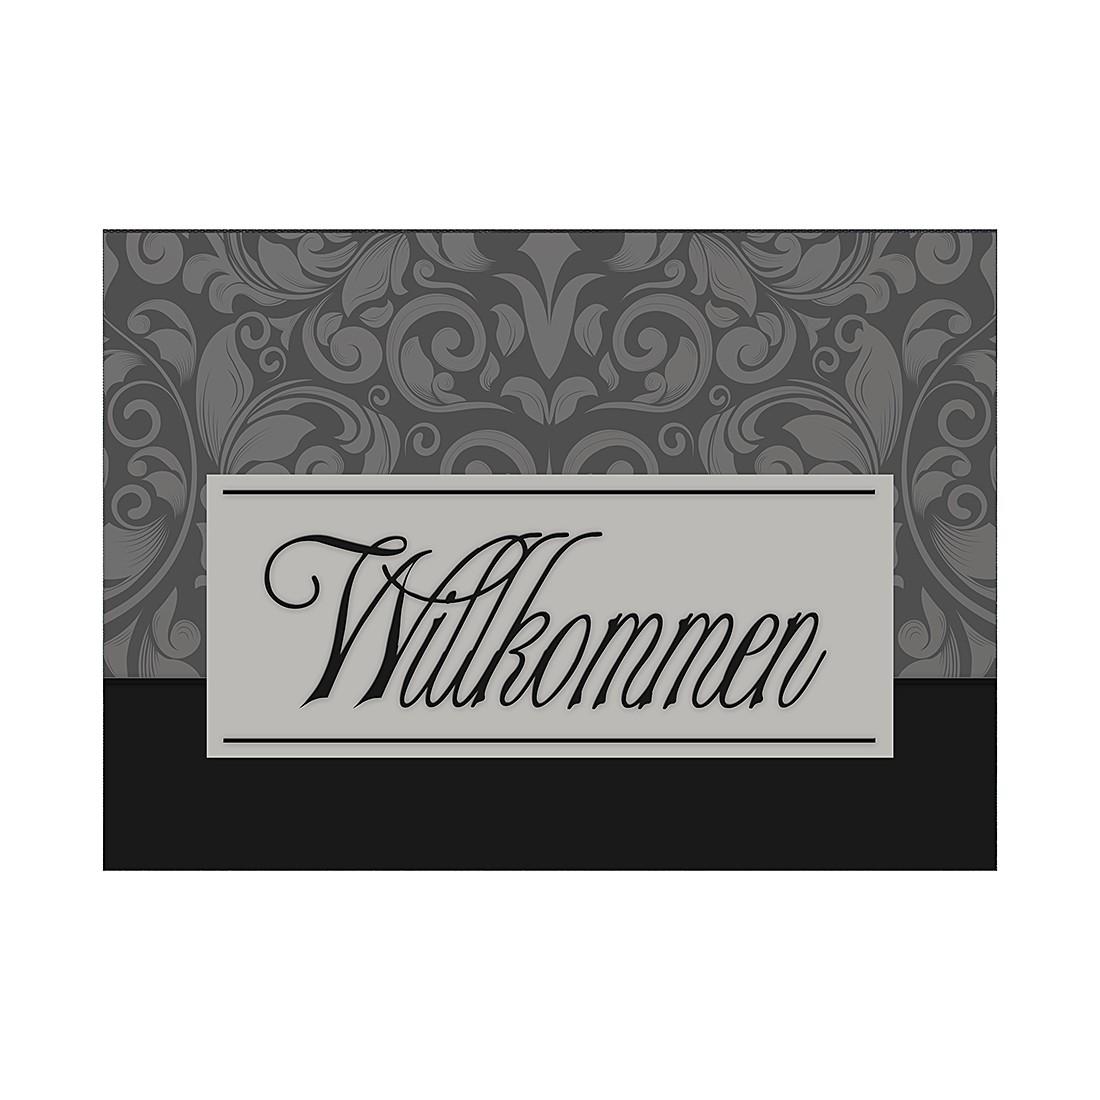 Fußmatte Willkommen – Grau/Schwarz, Pro Art günstig online kaufen